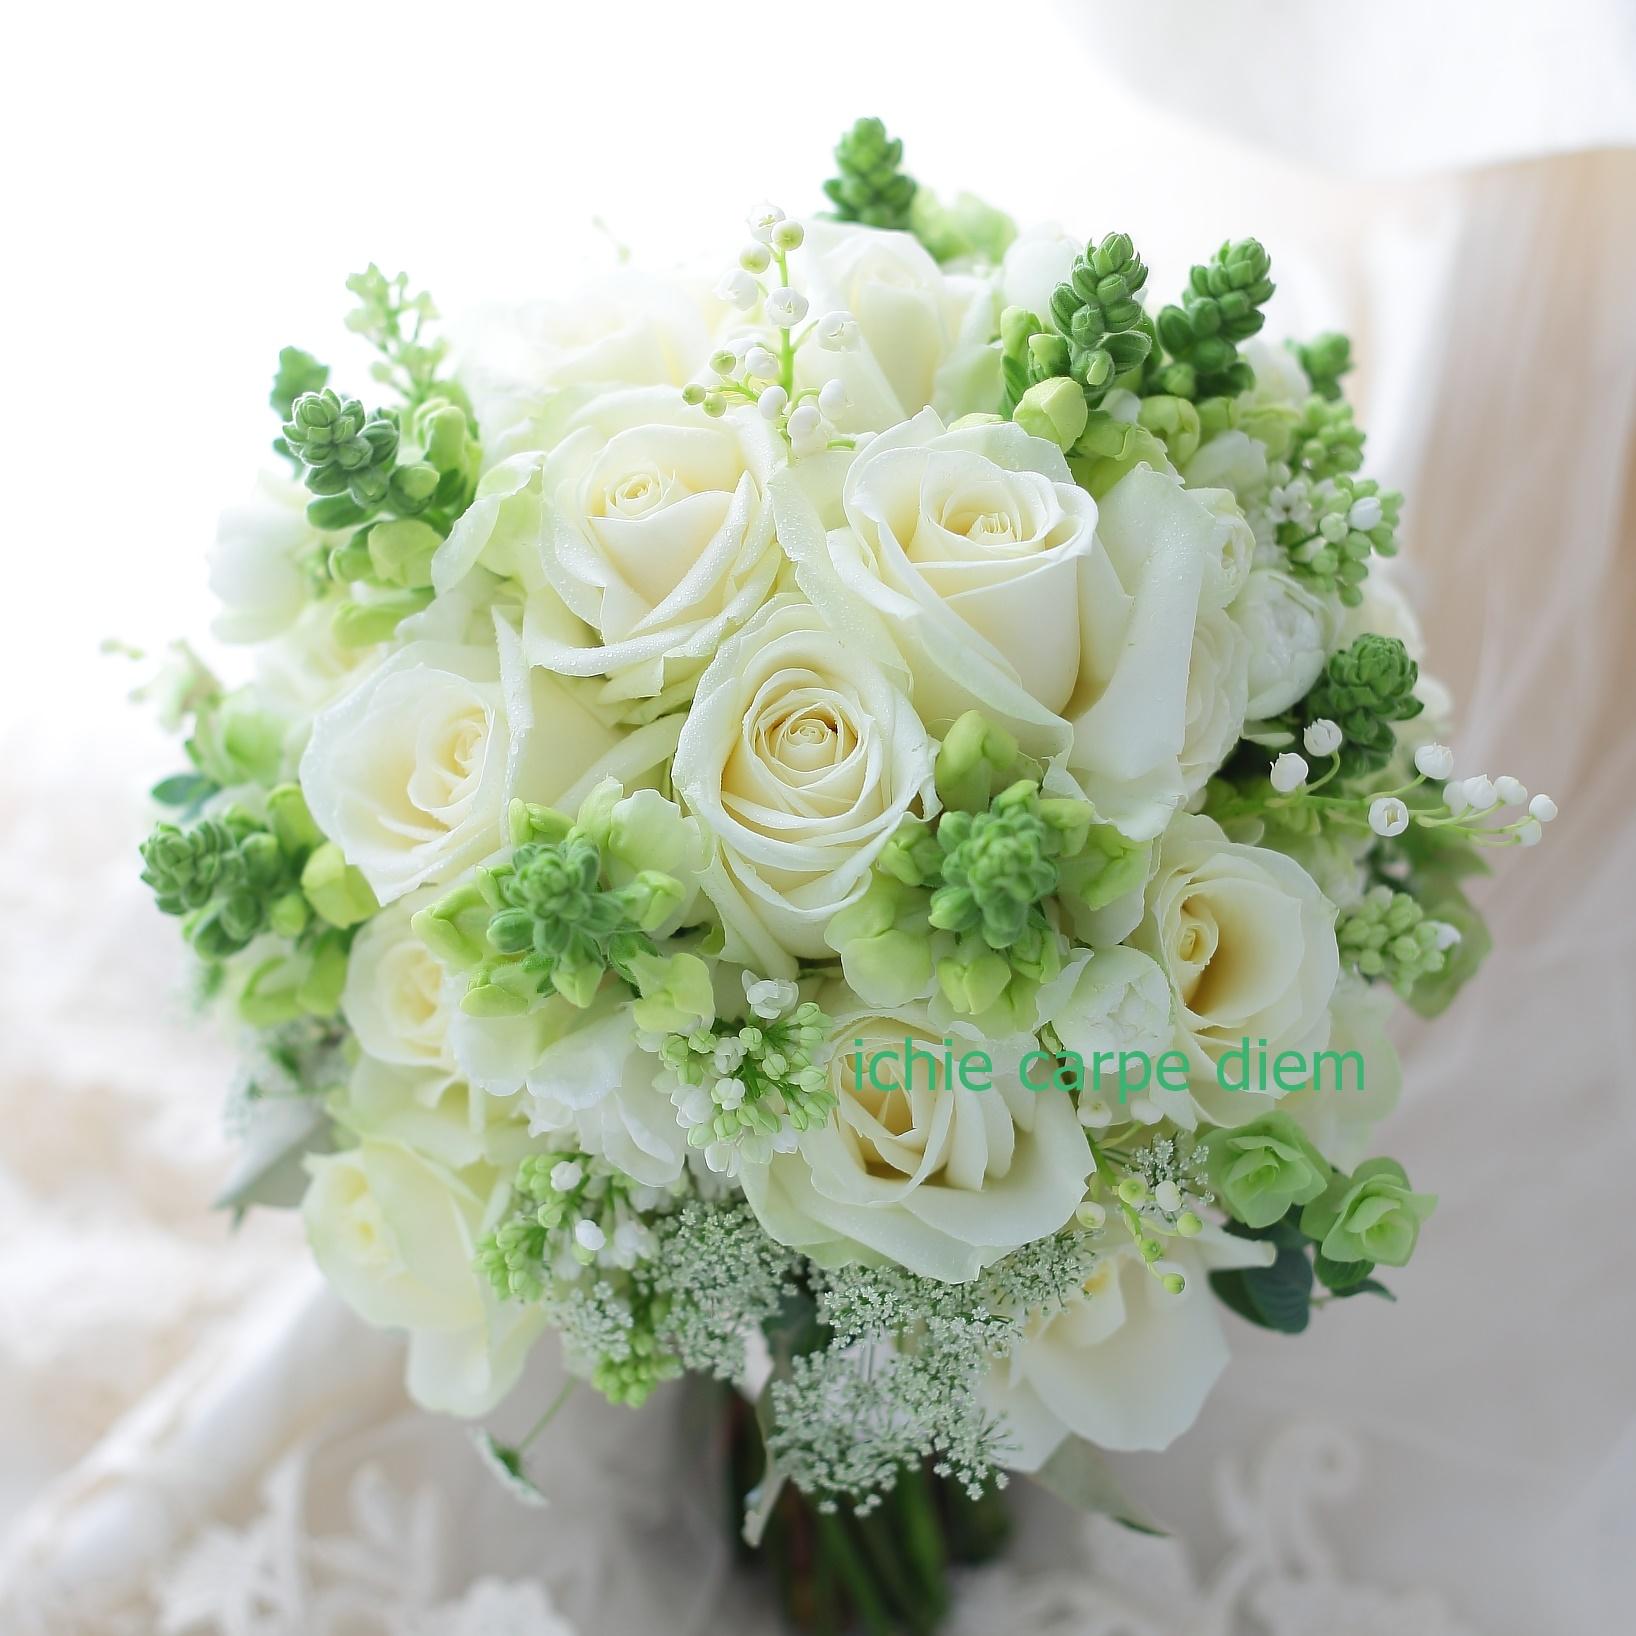 クラッチブーケ 八芳園さまへ バラをメインに、穂のような花たちで_a0042928_20504453.jpg